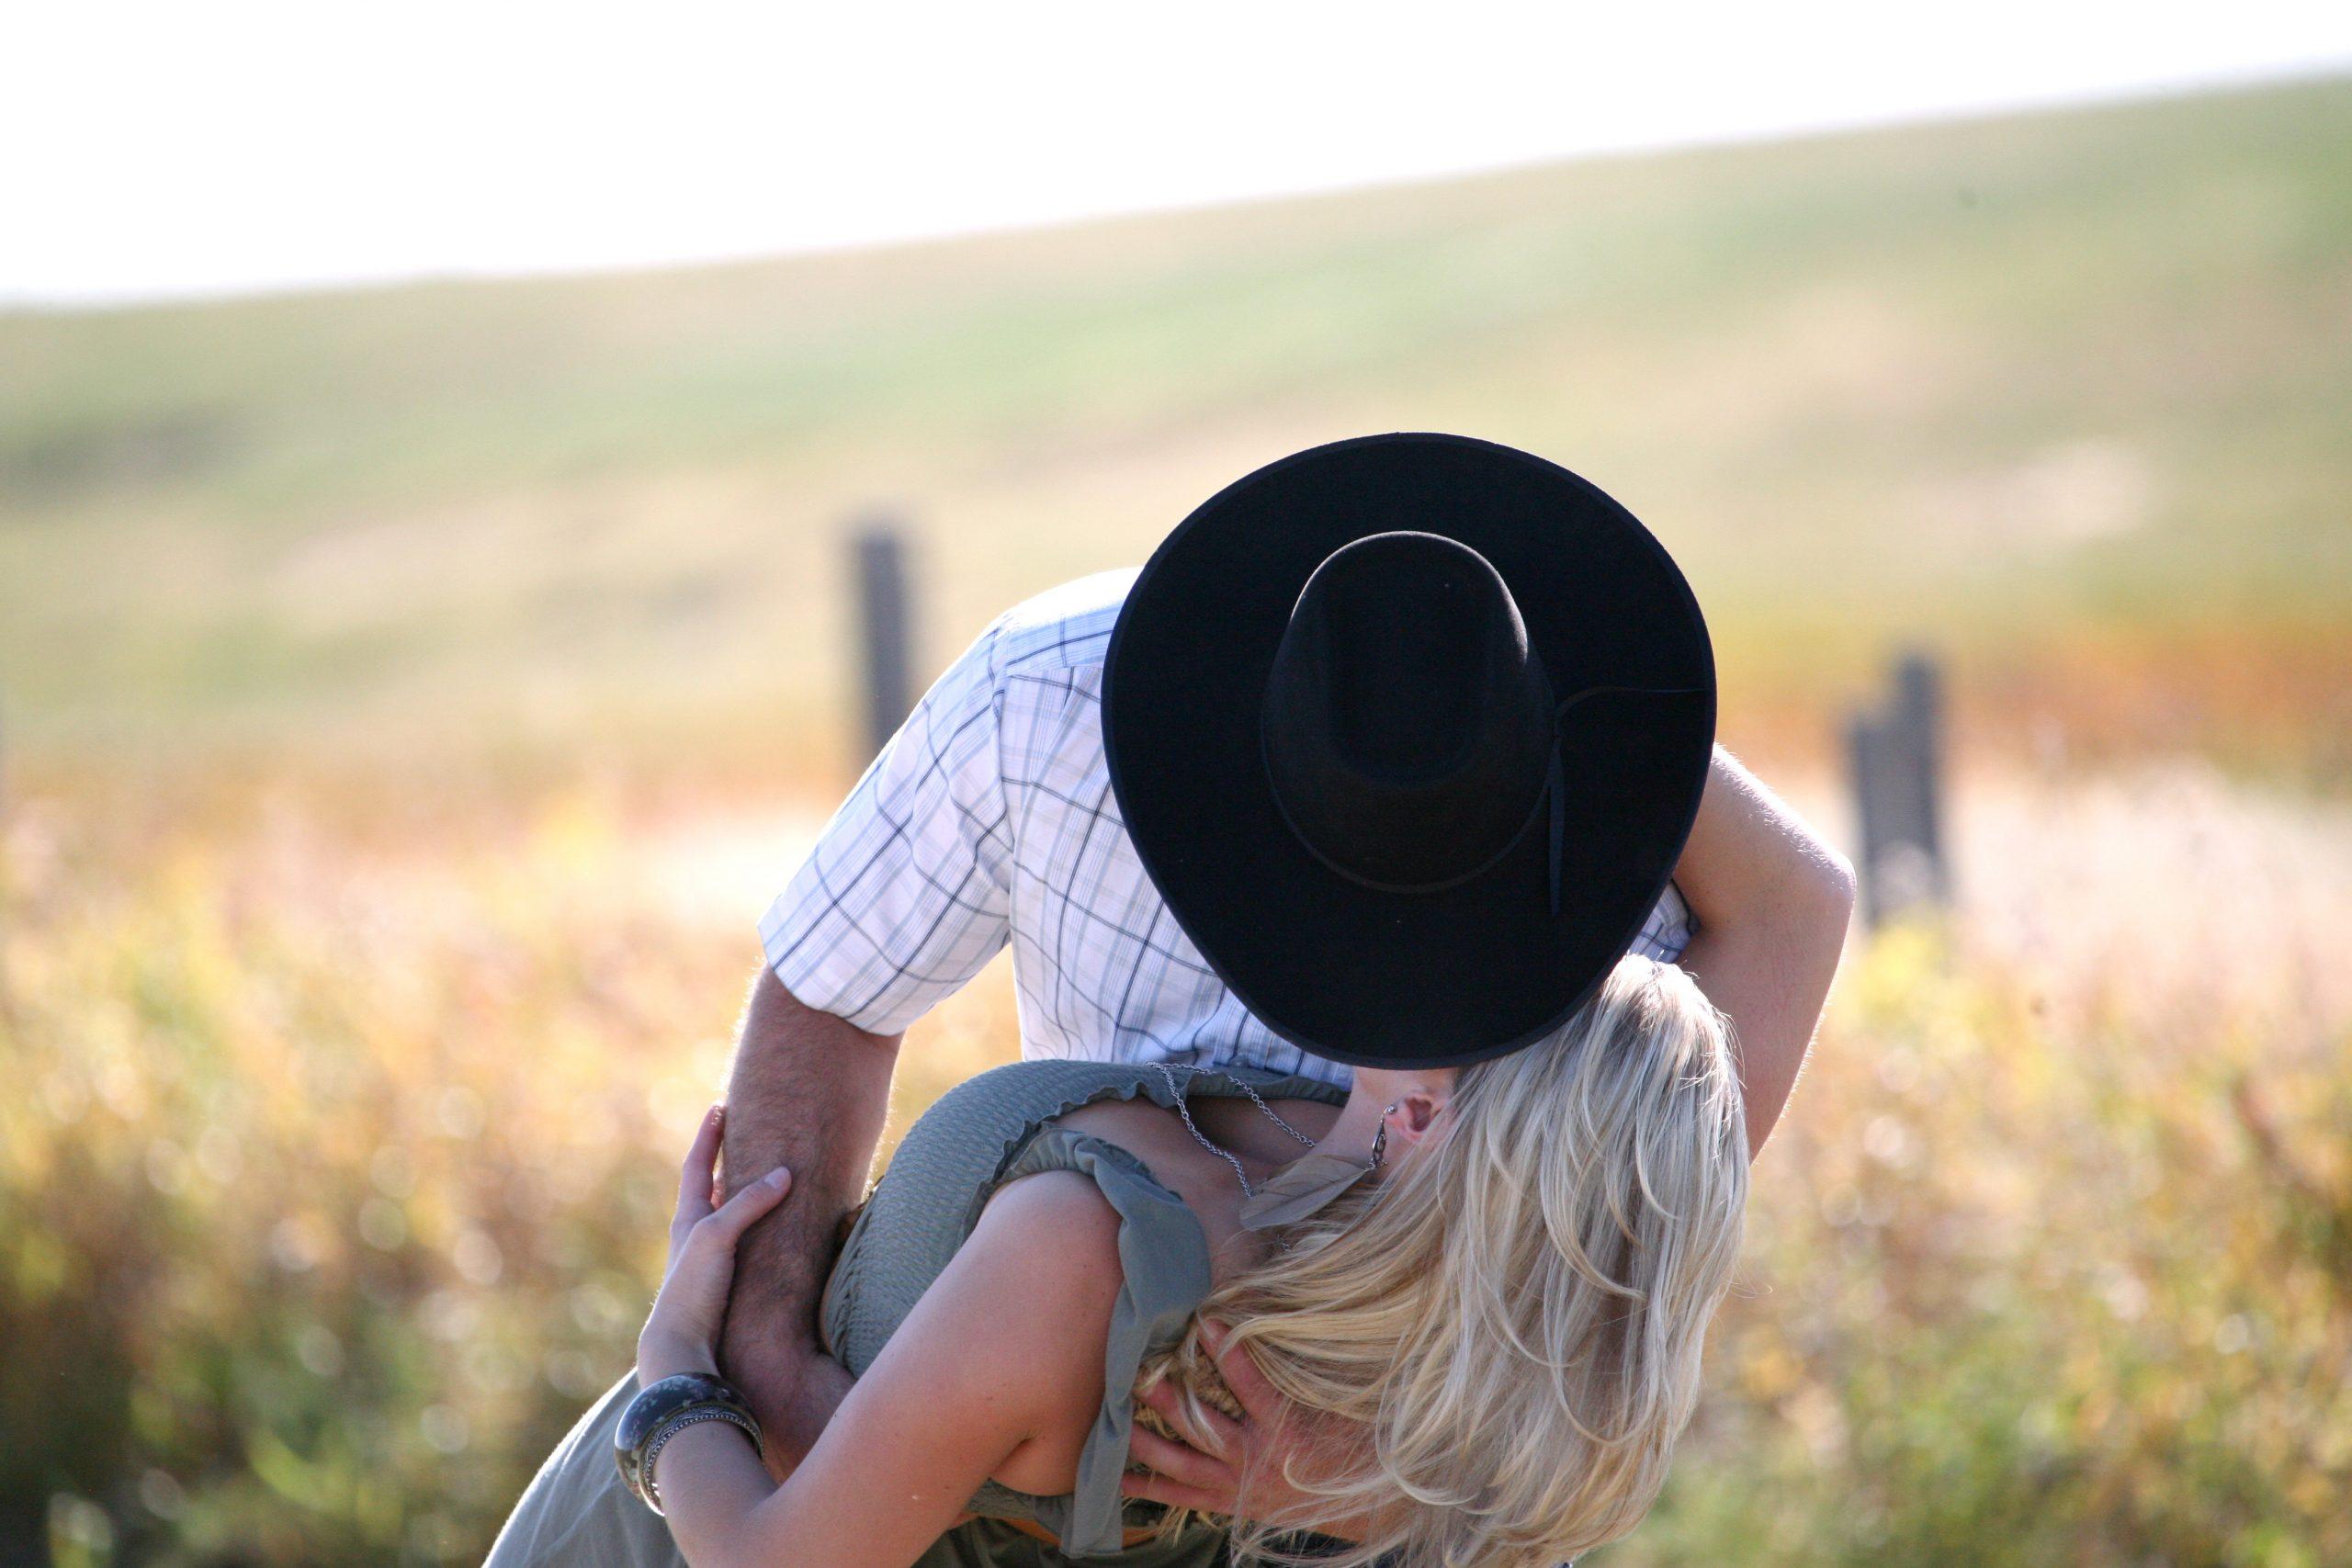 engagement at Los Angeles Horseback Riding